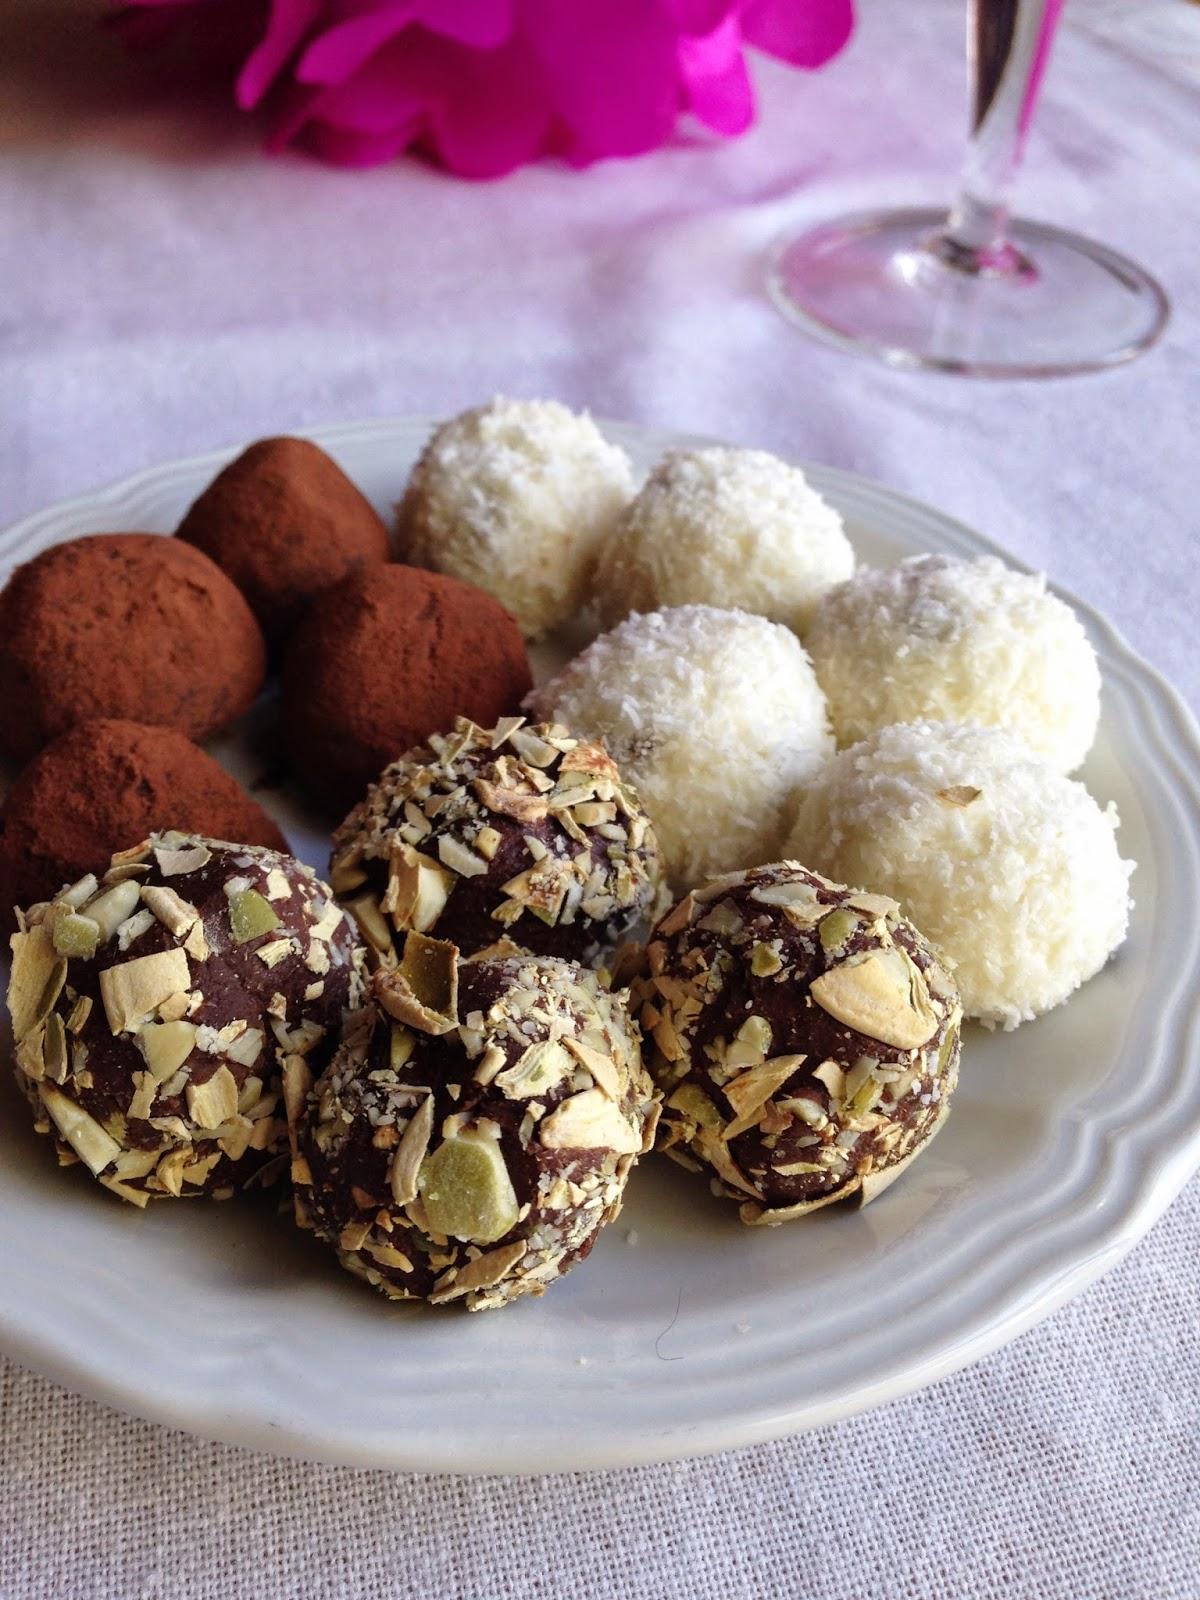 mini tartufi dolci: al cacao e peperoncino, al cocco e ricotta e biscottati con i semi di zucca